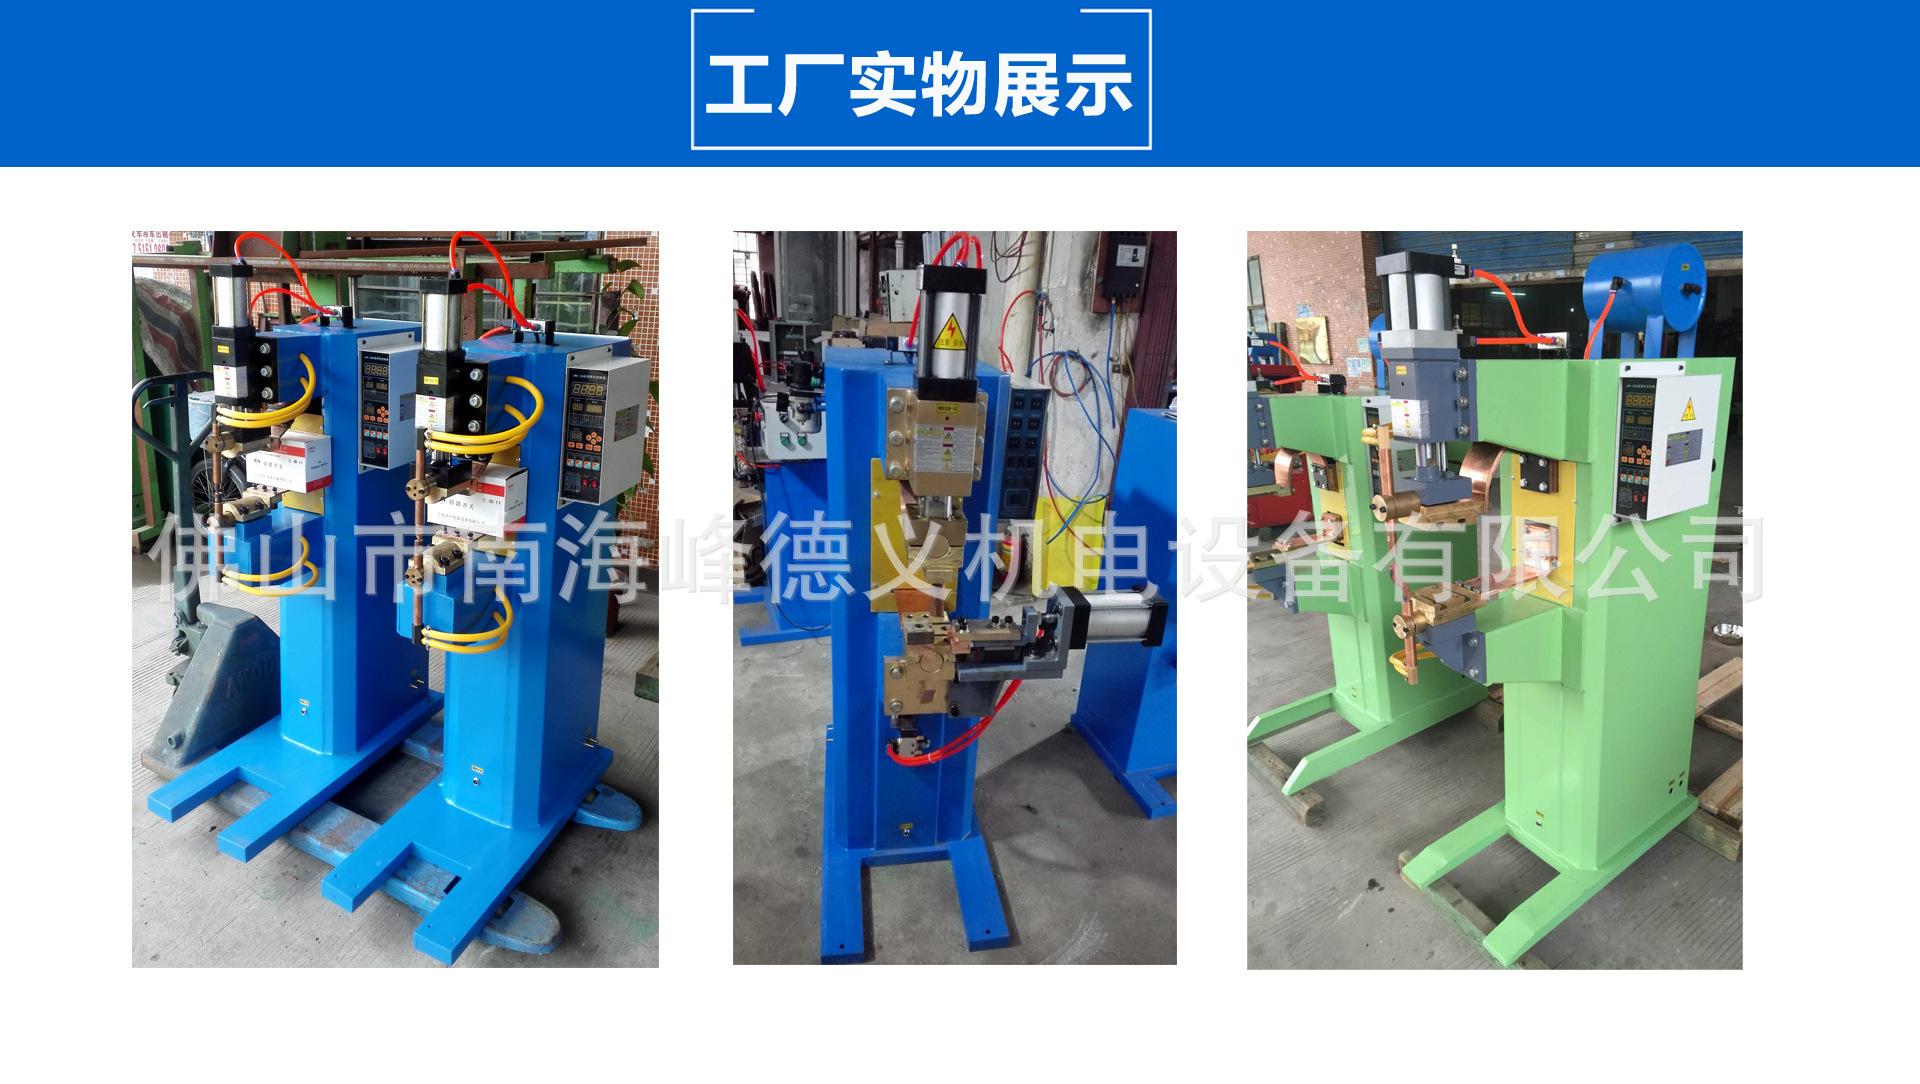 厂家热卖DTN-35KVA数控气动交流点焊机  自动不锈钢碰焊机示例图4